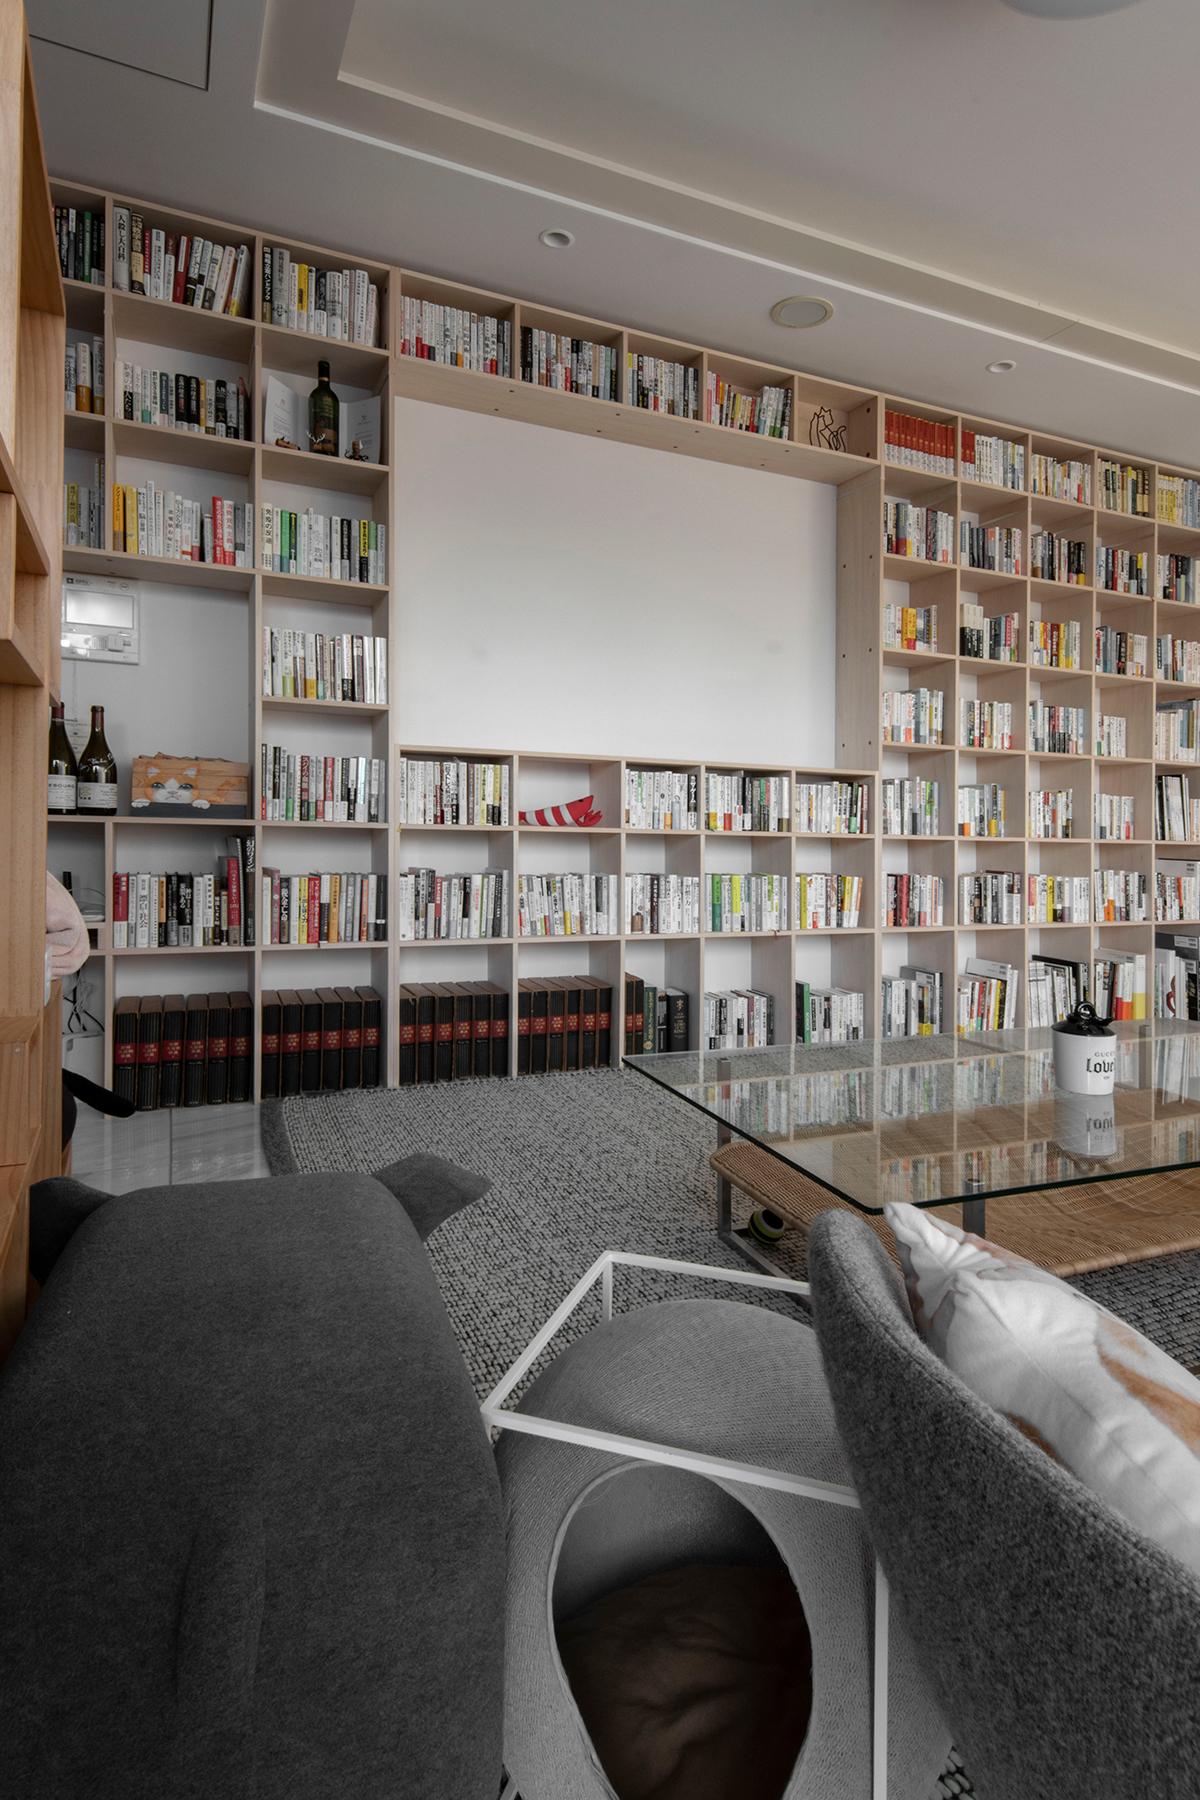 ポップインアラジンと壁一面の本棚   メンタリストDaiGoさんの本棚